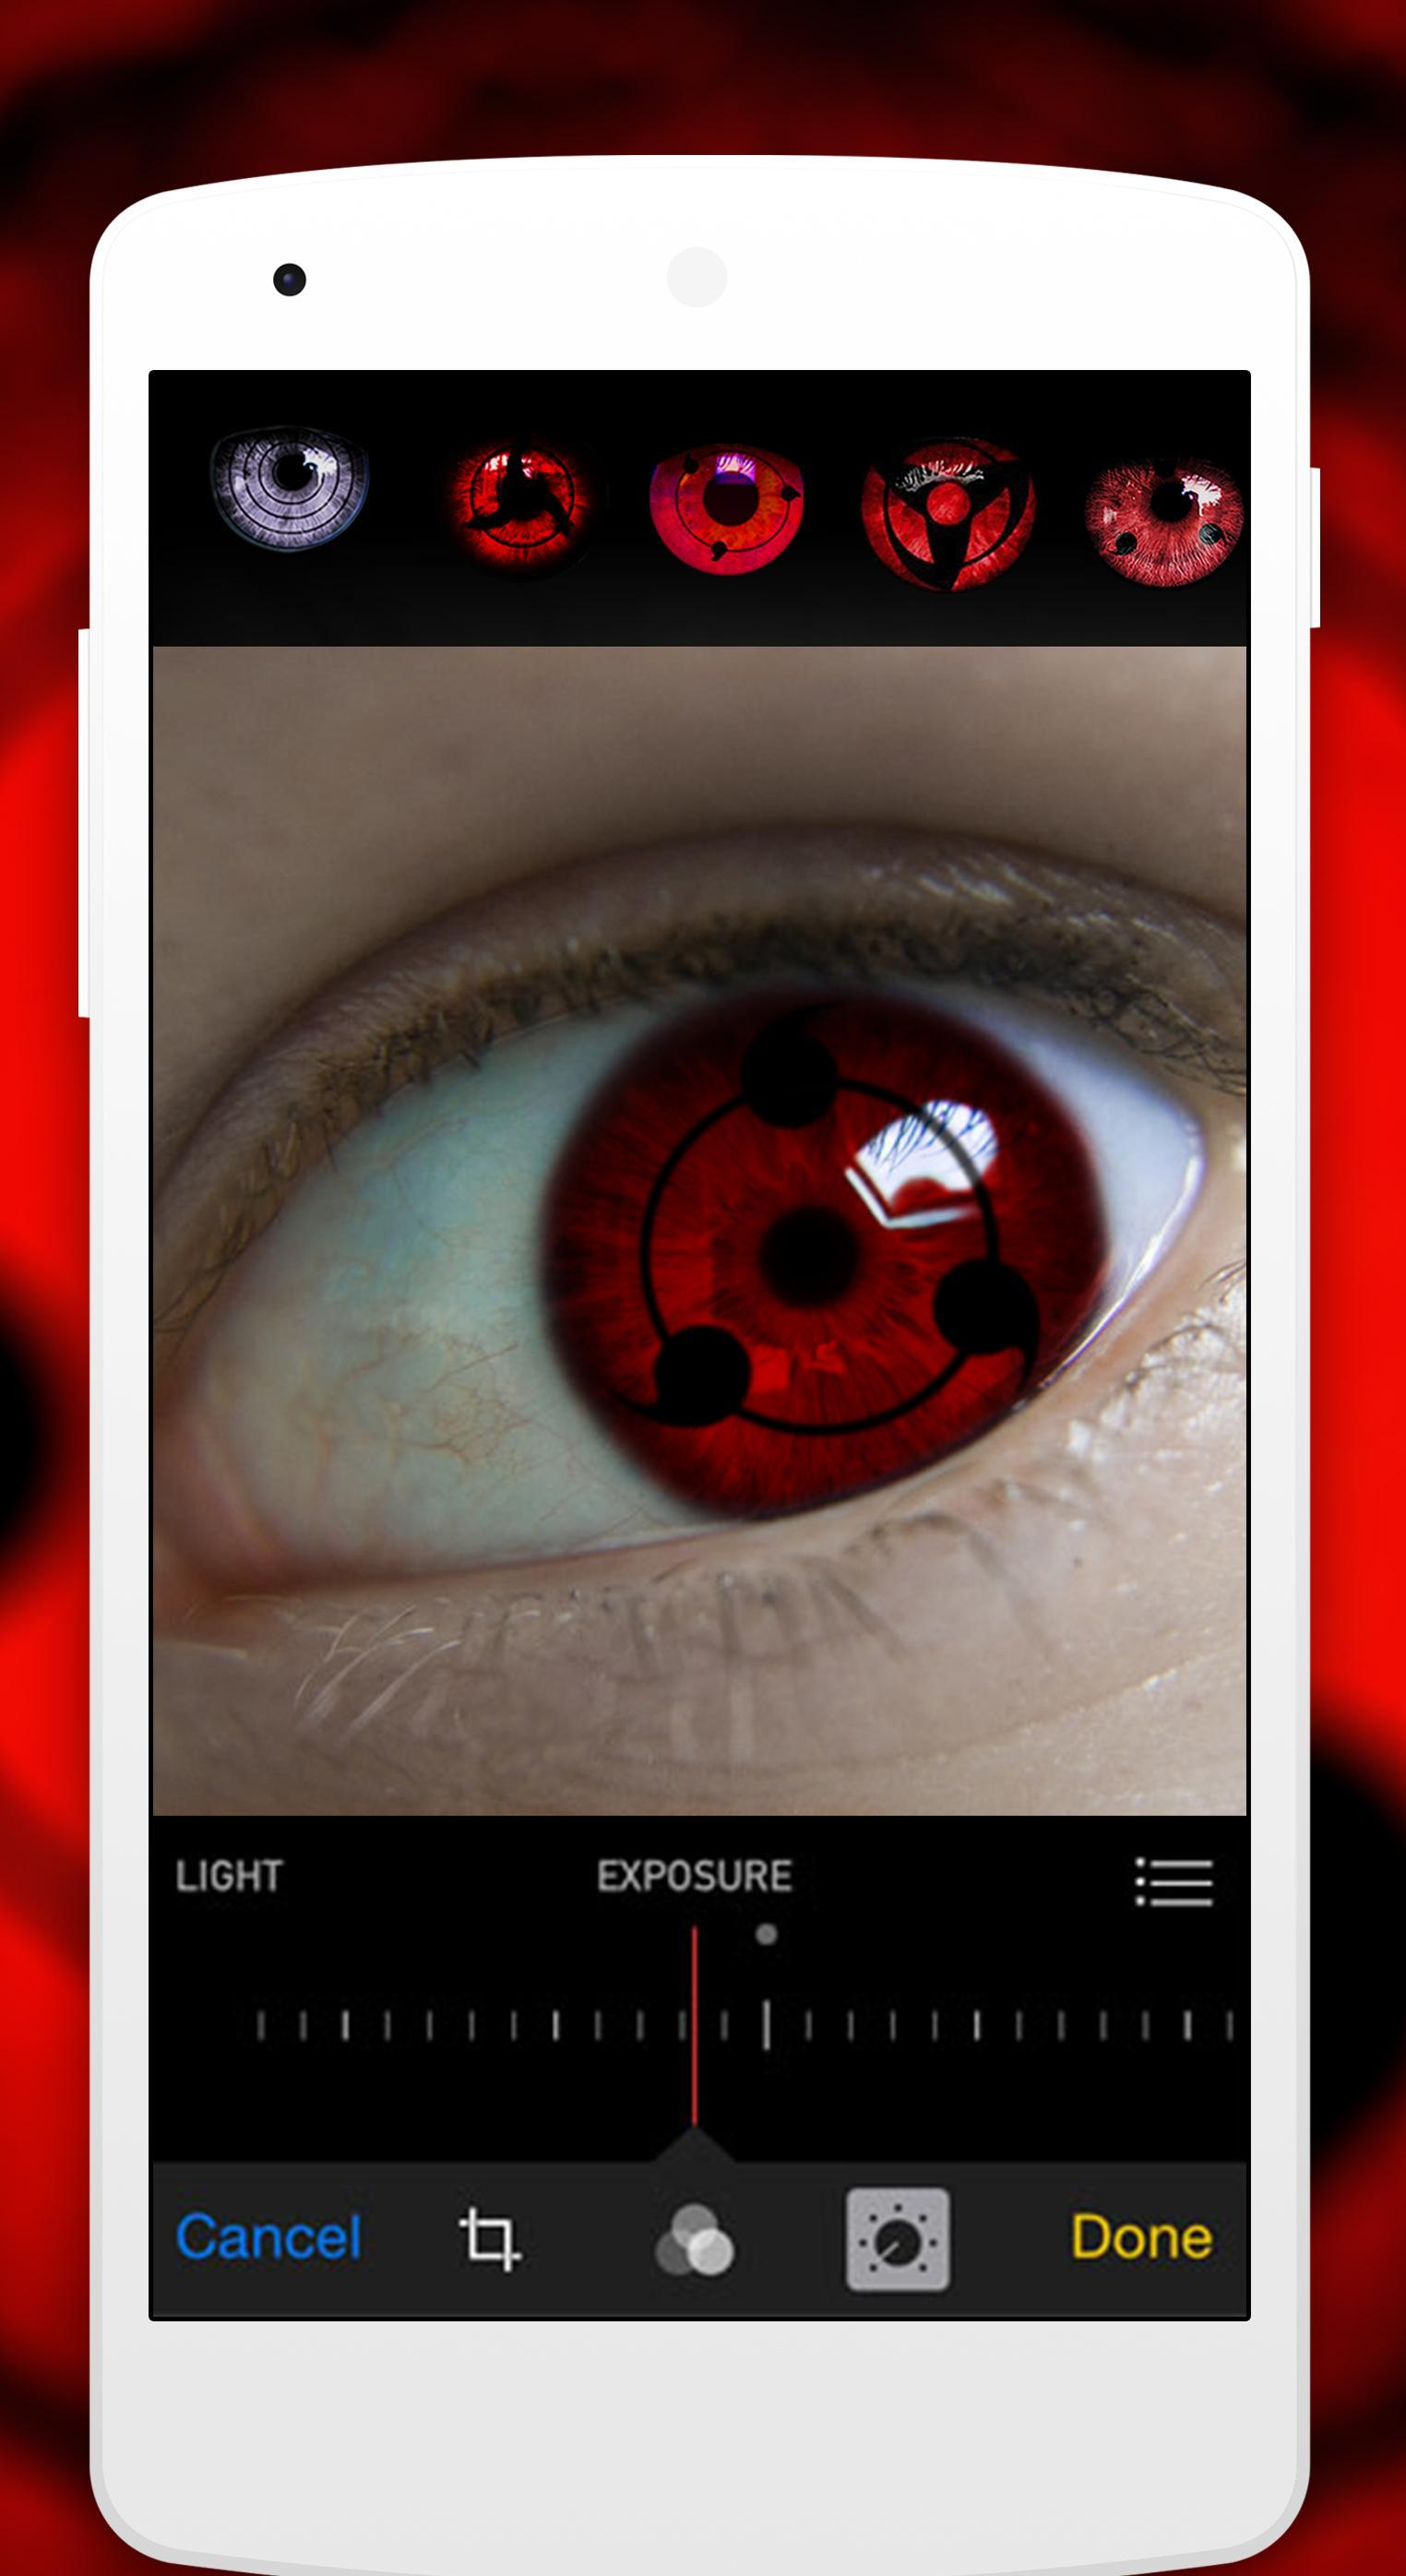 Sasuke Rinnegan Sharingan Eyes For Android Apk Download